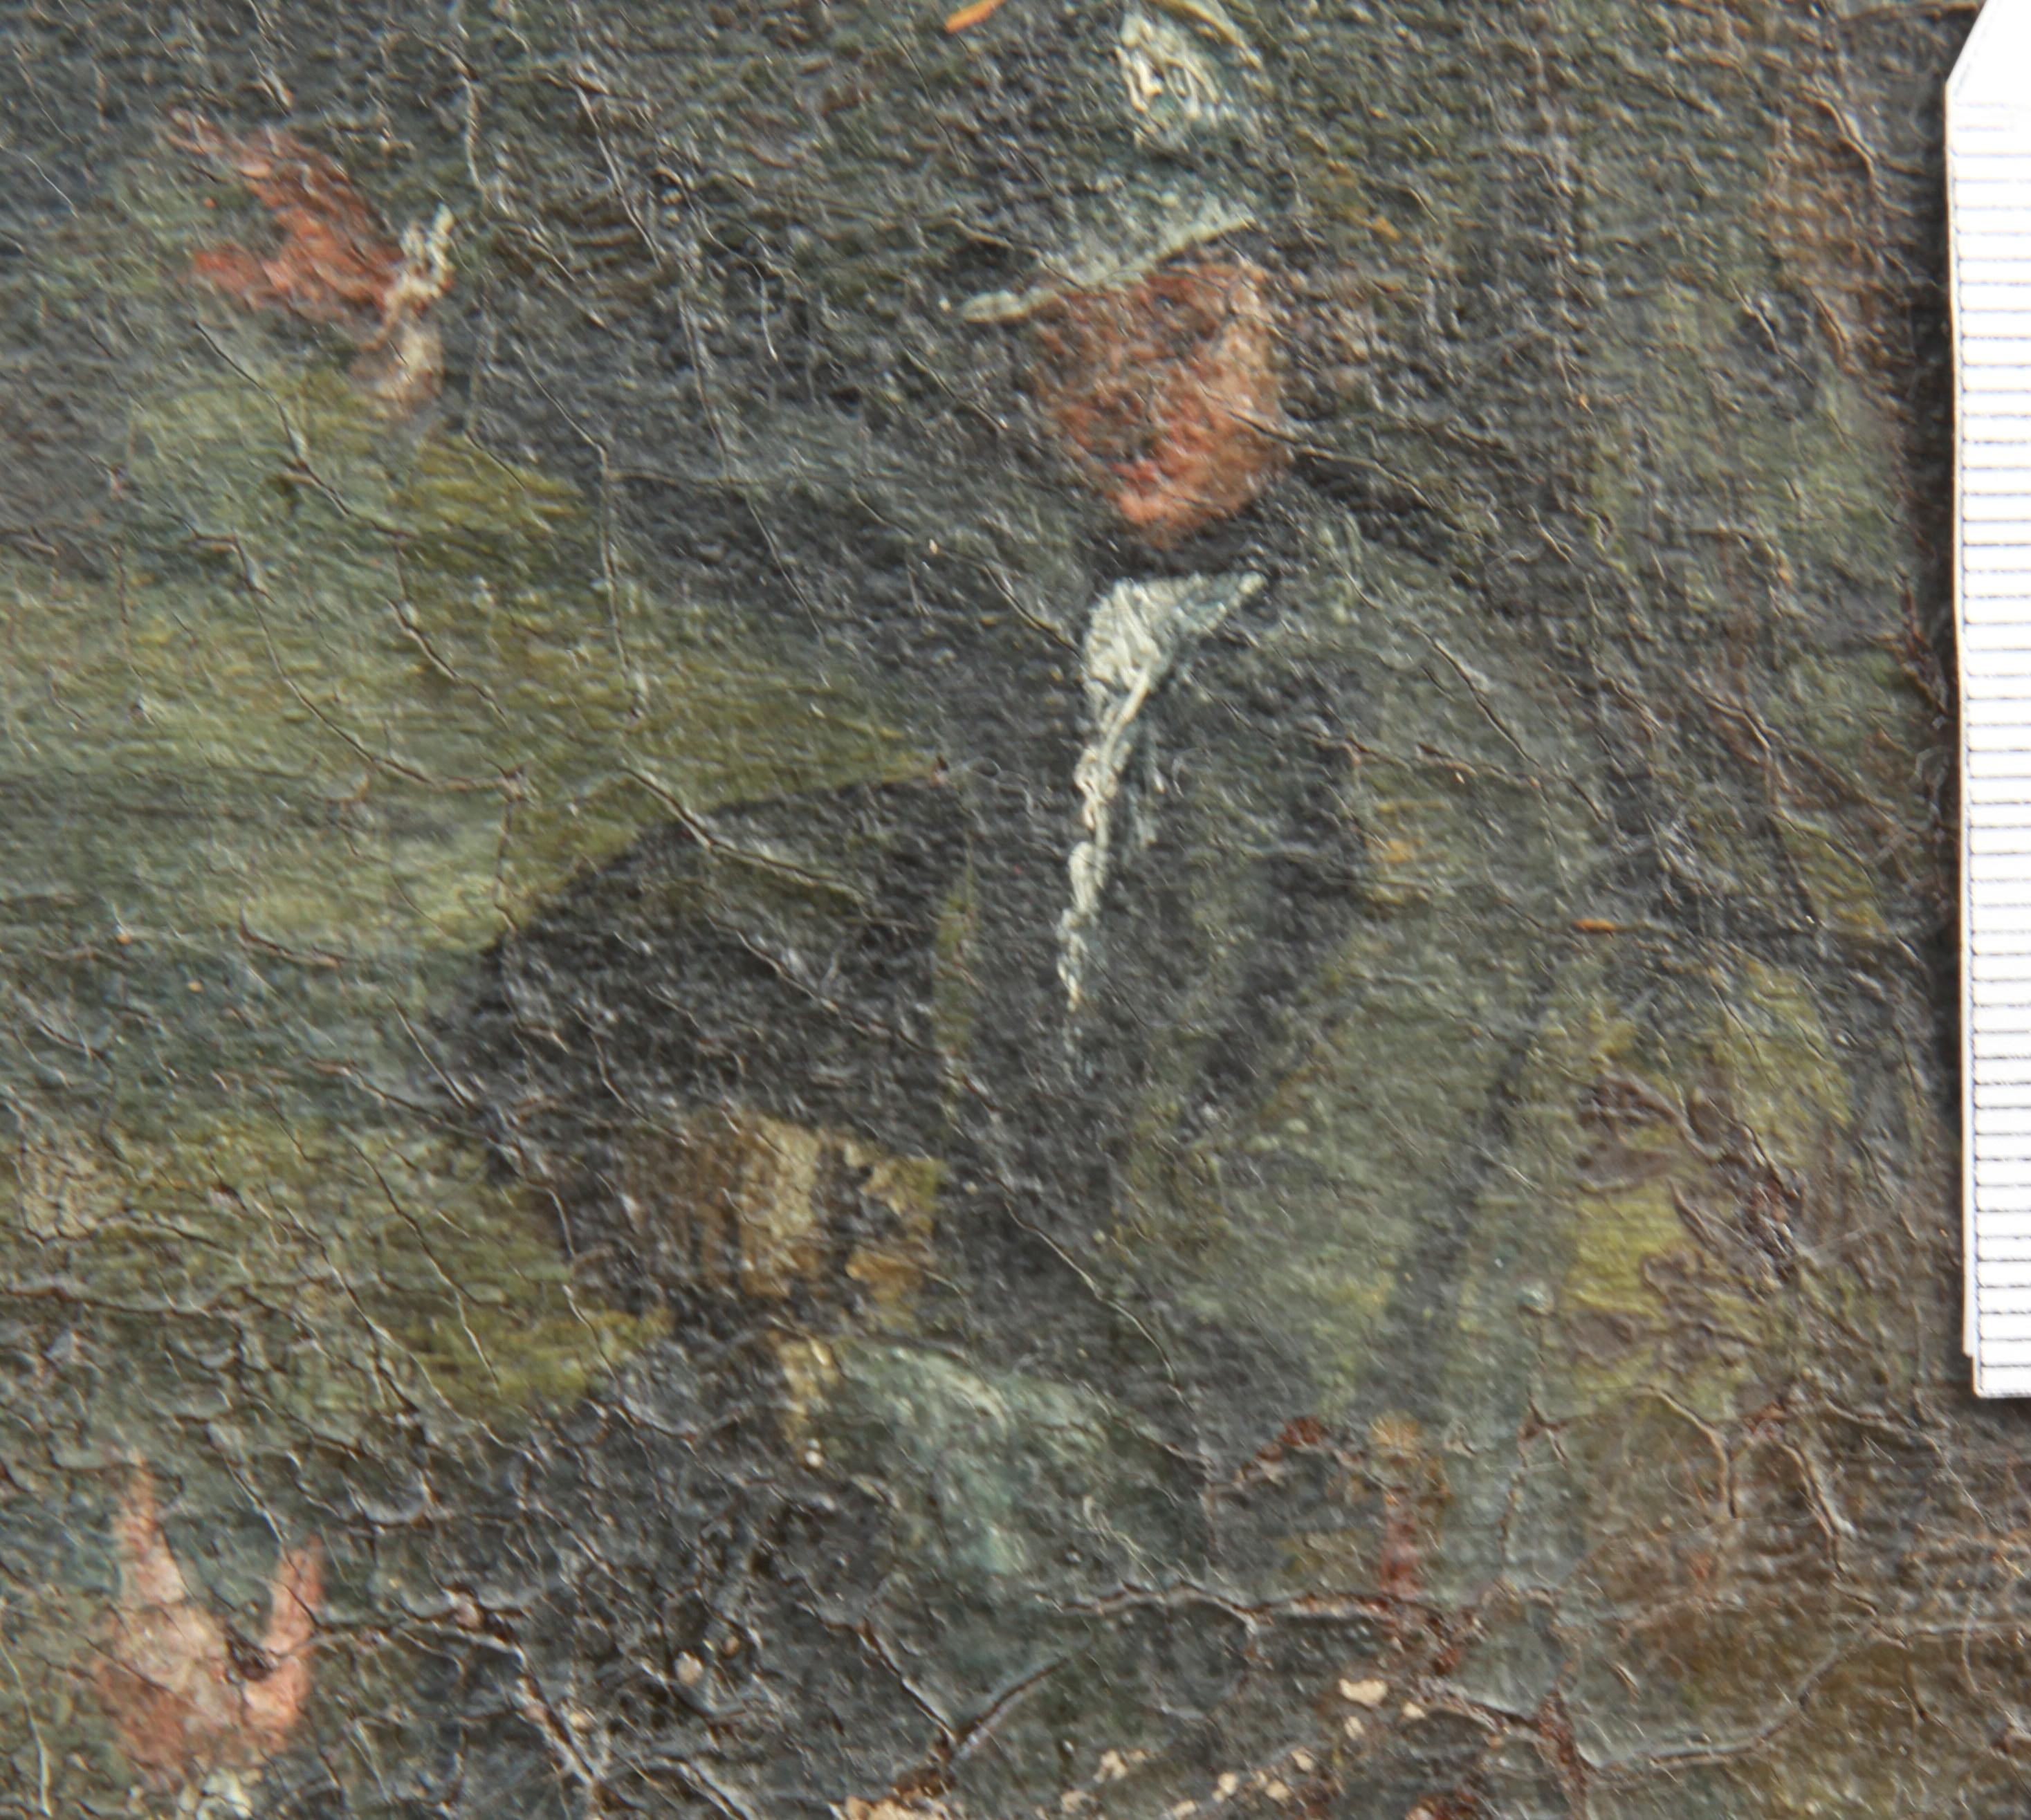 Hirschjagd